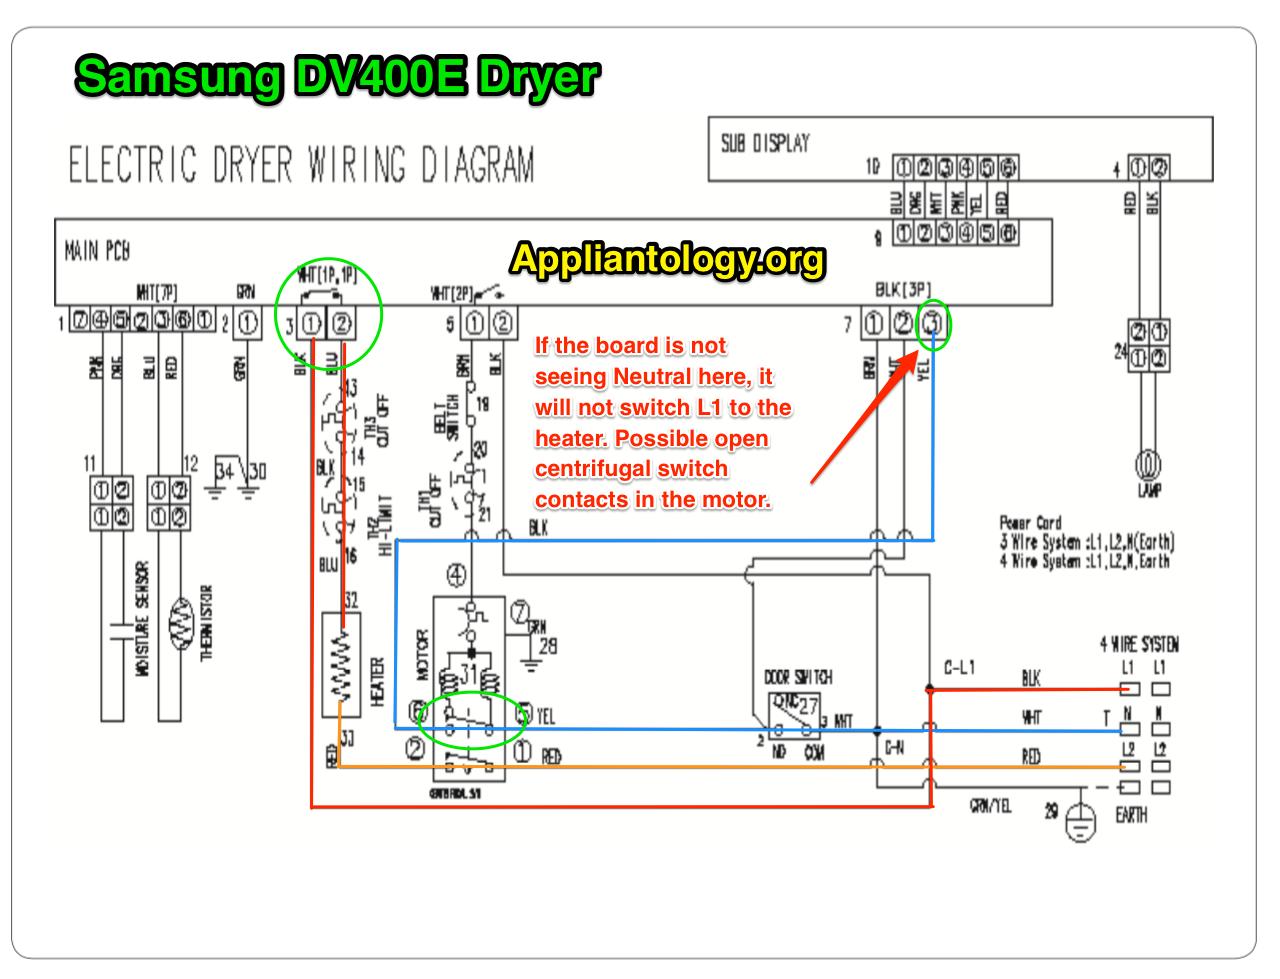 Samsung DV400E Dryer Schematic